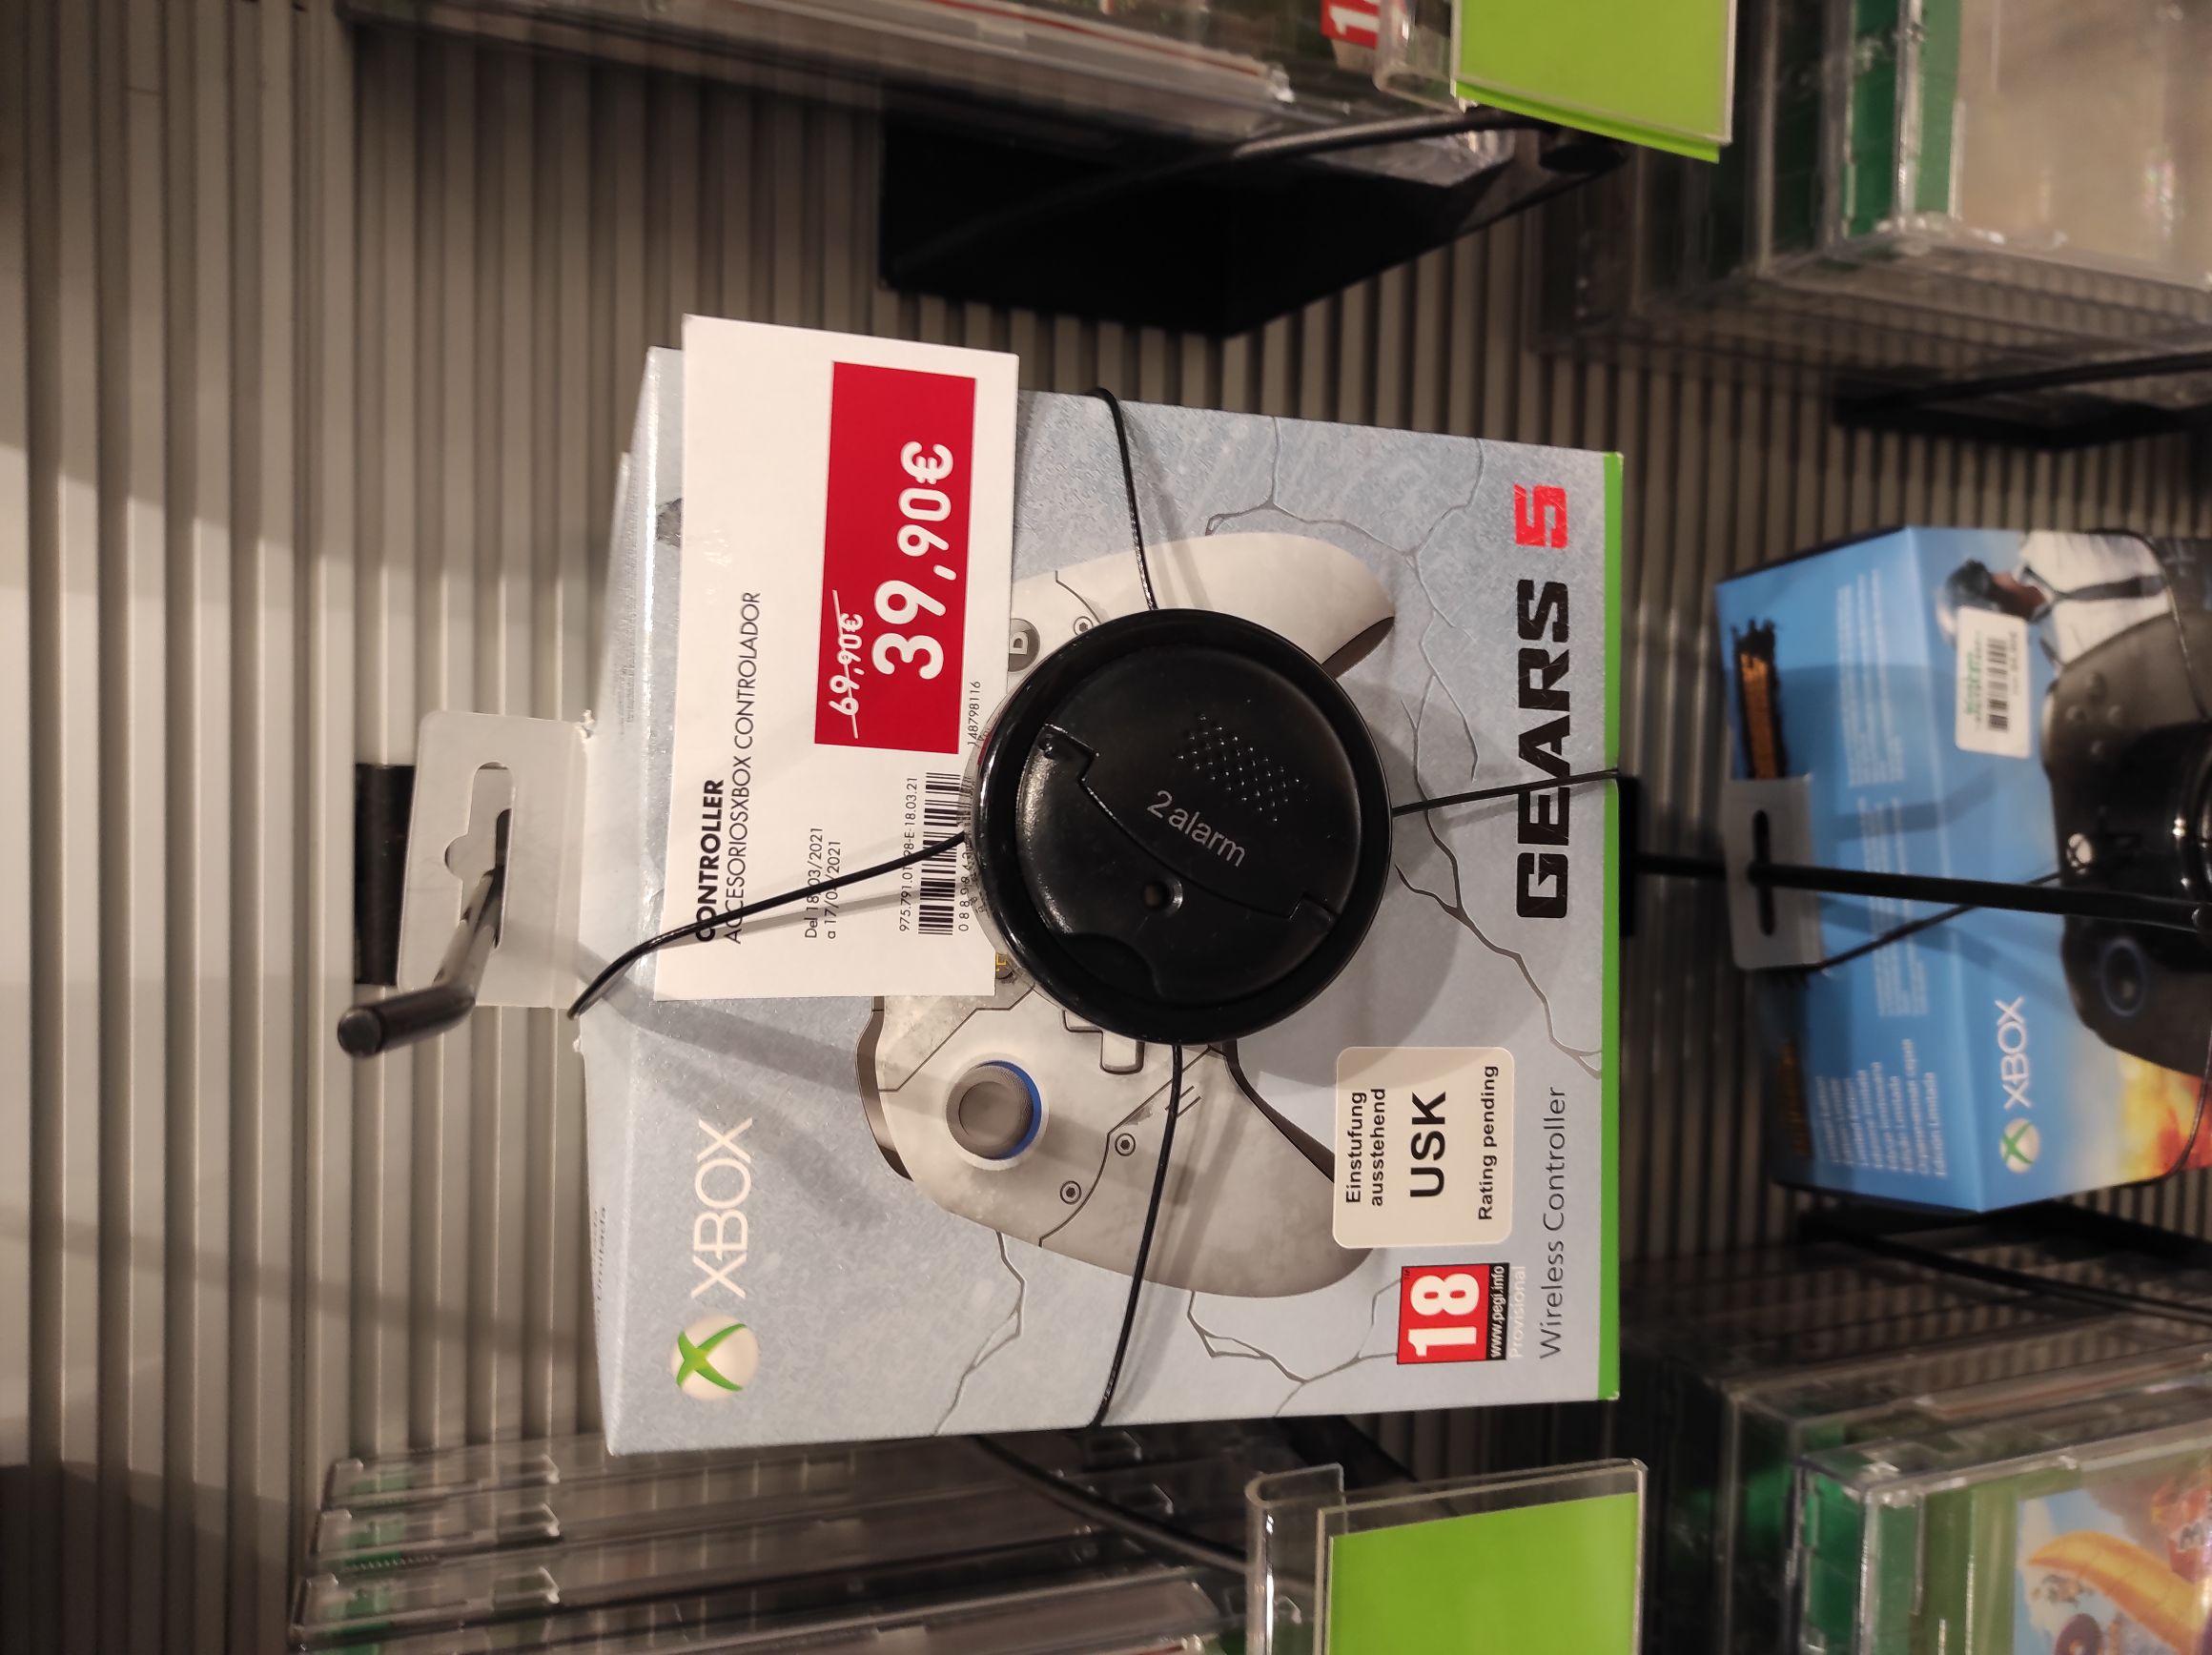 Mando especial gear of war 5 Xbox one en el corte inglés de Tarragona.